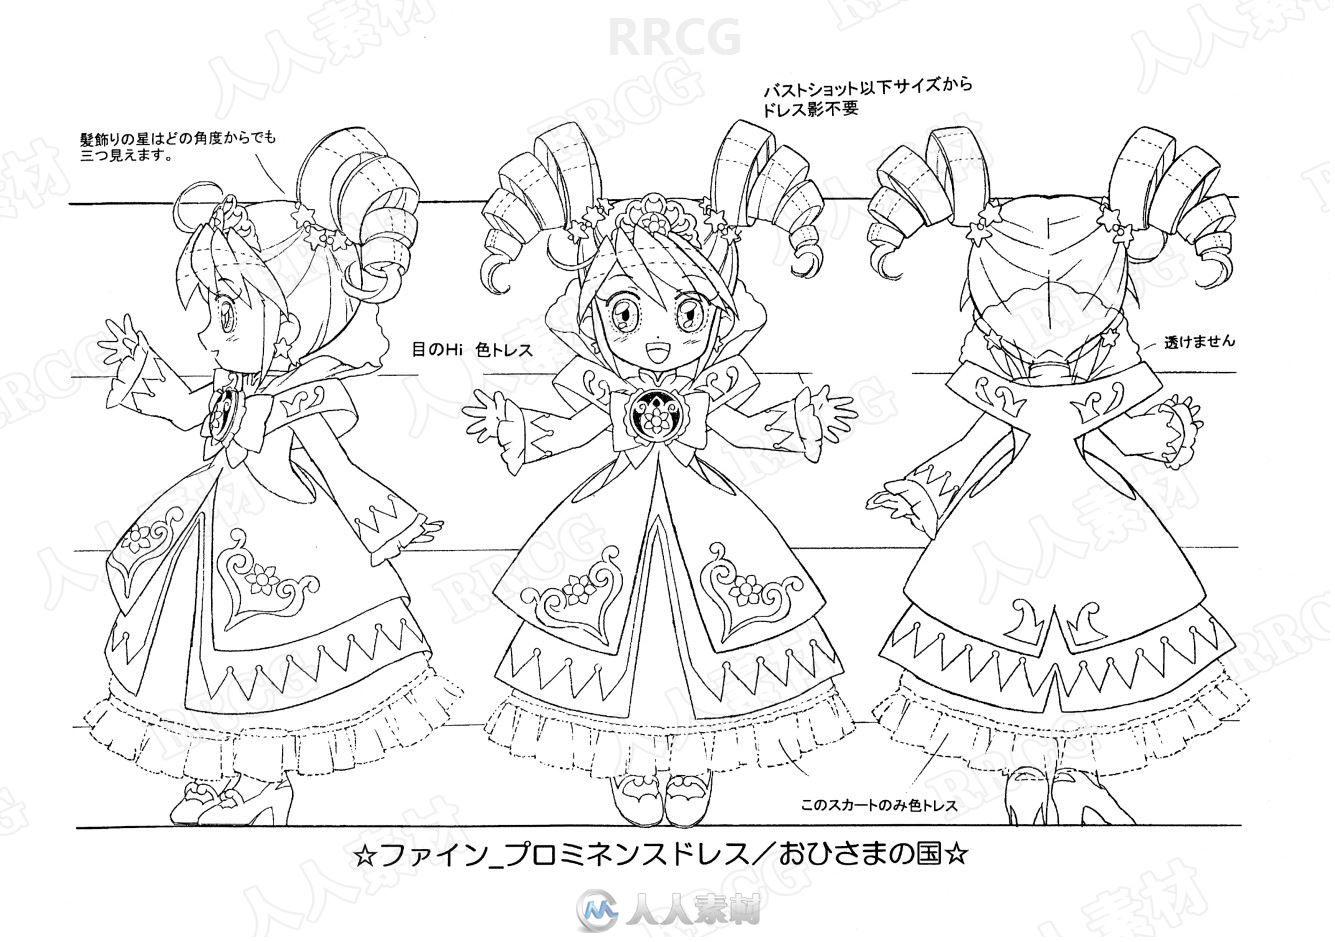 《双子星公主》动画角色官方设定线稿画集